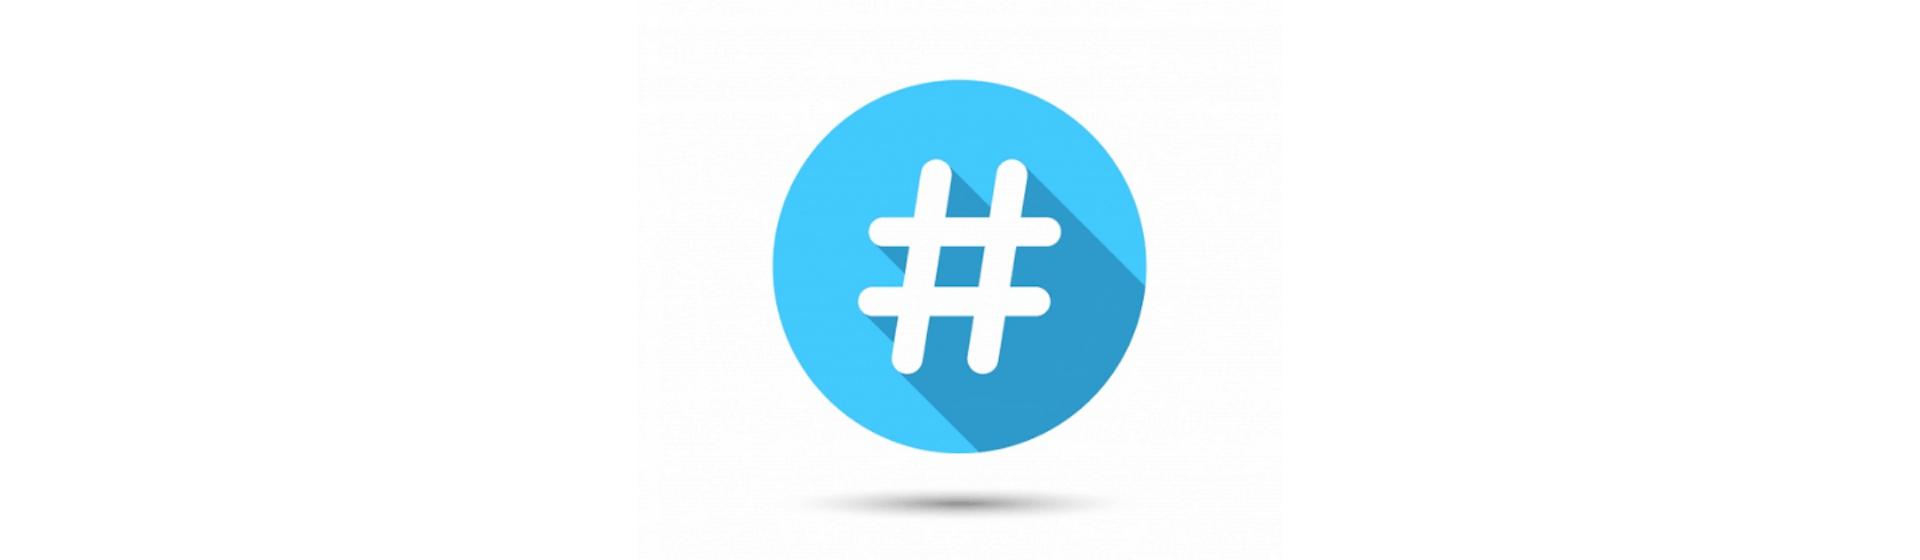 ¿Cómo elegir hashtags para Instagram? Guía completa para sacarle el máximo partido